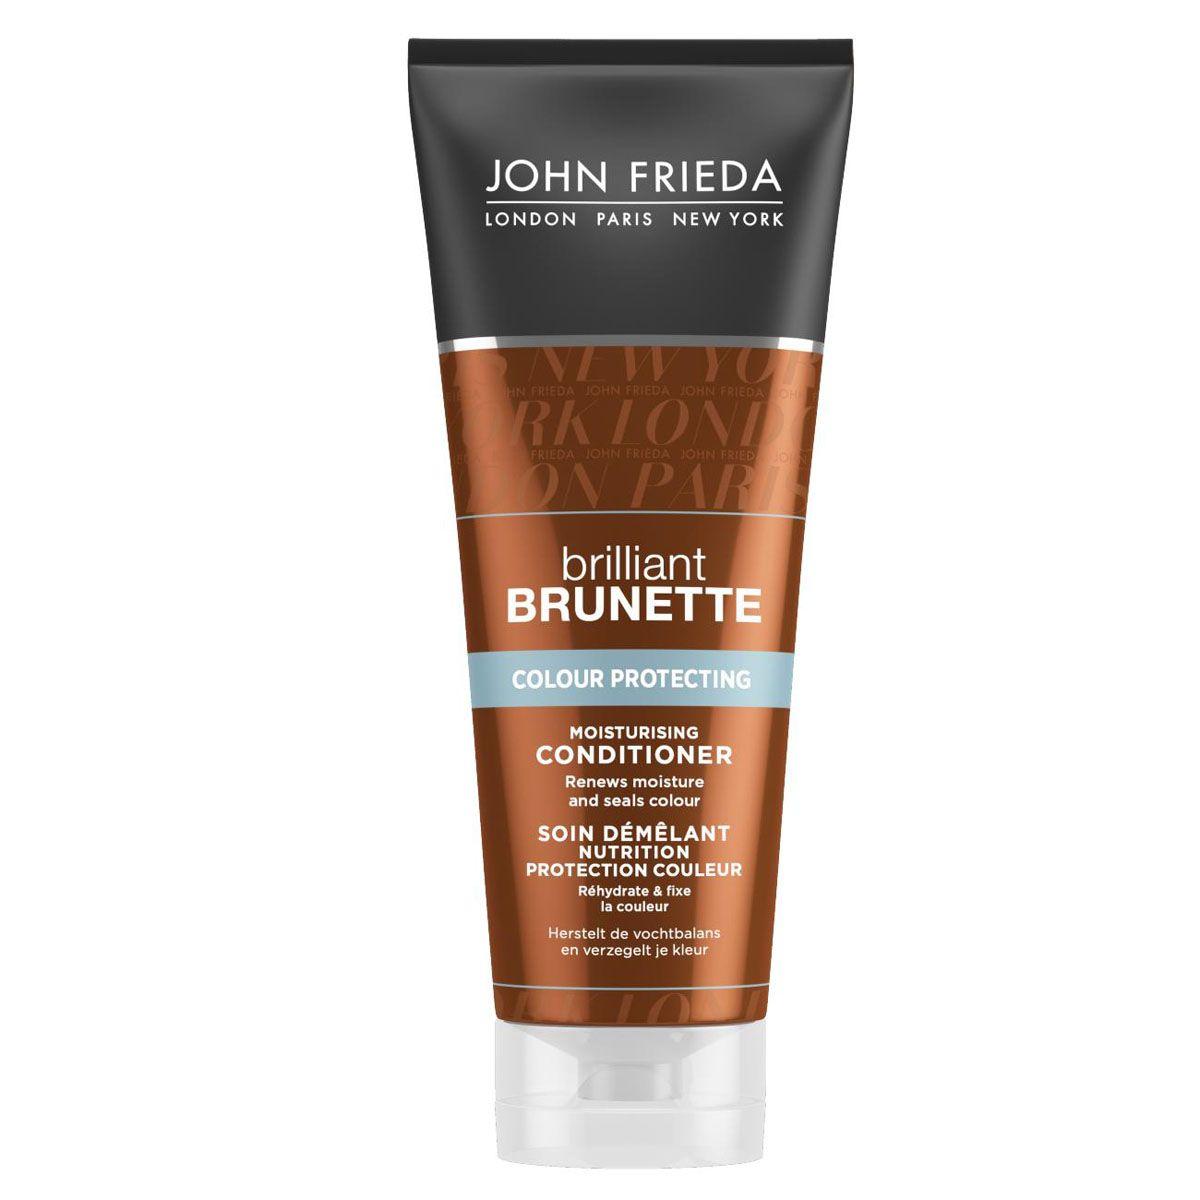 John Frieda Увлажняющий кондиционер для защиты цвета темных волос Brilliant Brunette COLOUR PROTECTING 250 млjf311220Восстанавливает увлажнение и закрепляет цвет. Расстанься с тусклыми, сухими темными волосами. Увлажняющий кондиционер для защиты цвета темных волос увлажняет волосы, сохраняя интенсивность и красоту цвета волос надолго.